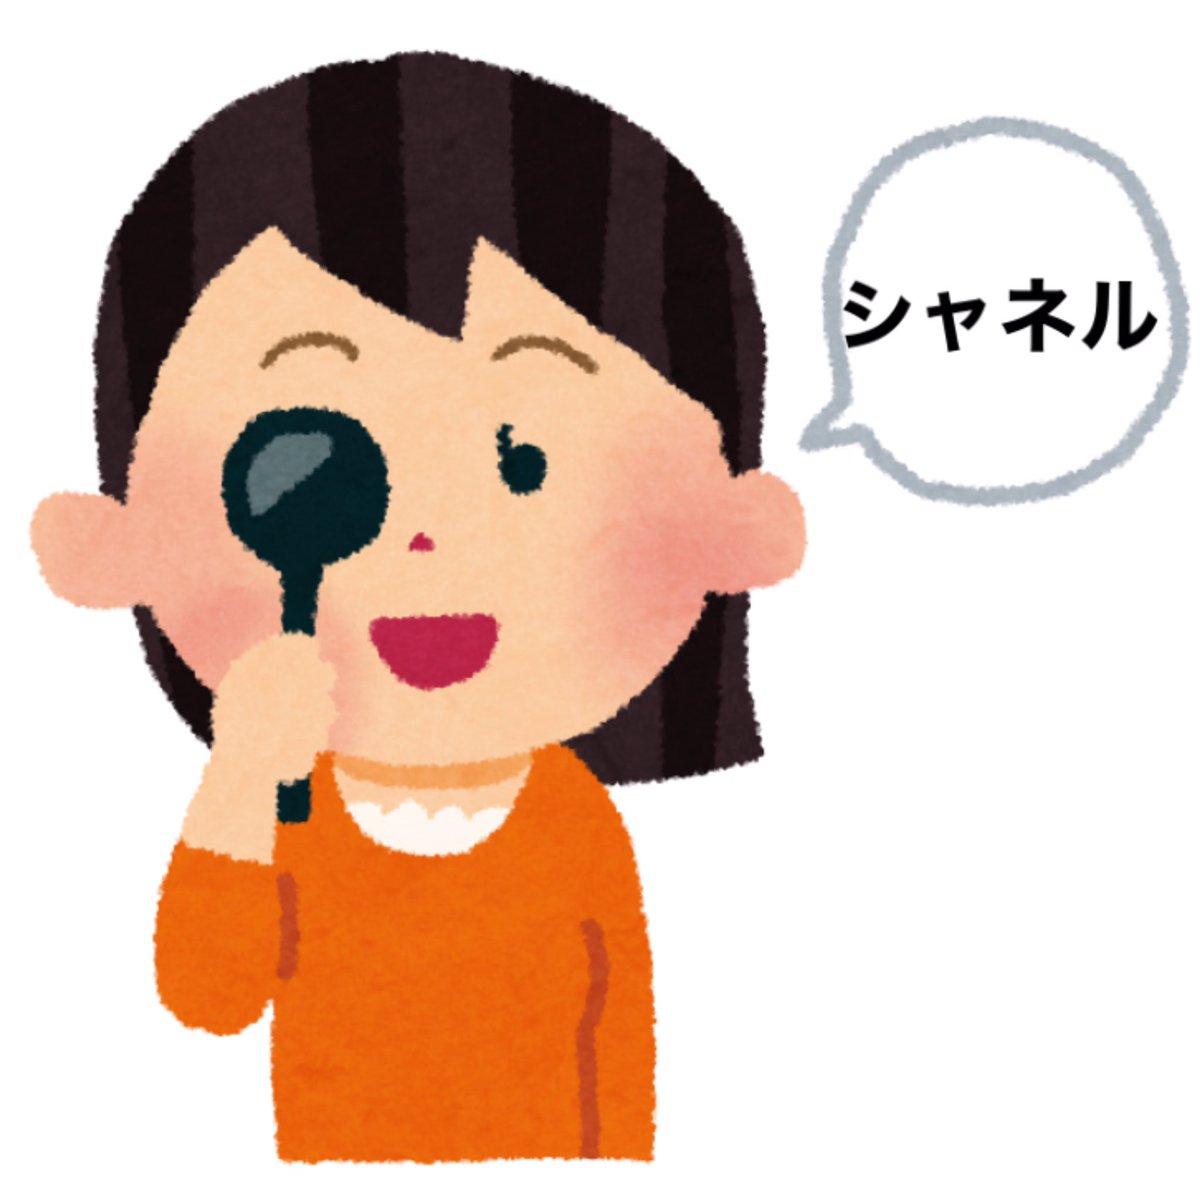 視力検査で乱視が発覚する人